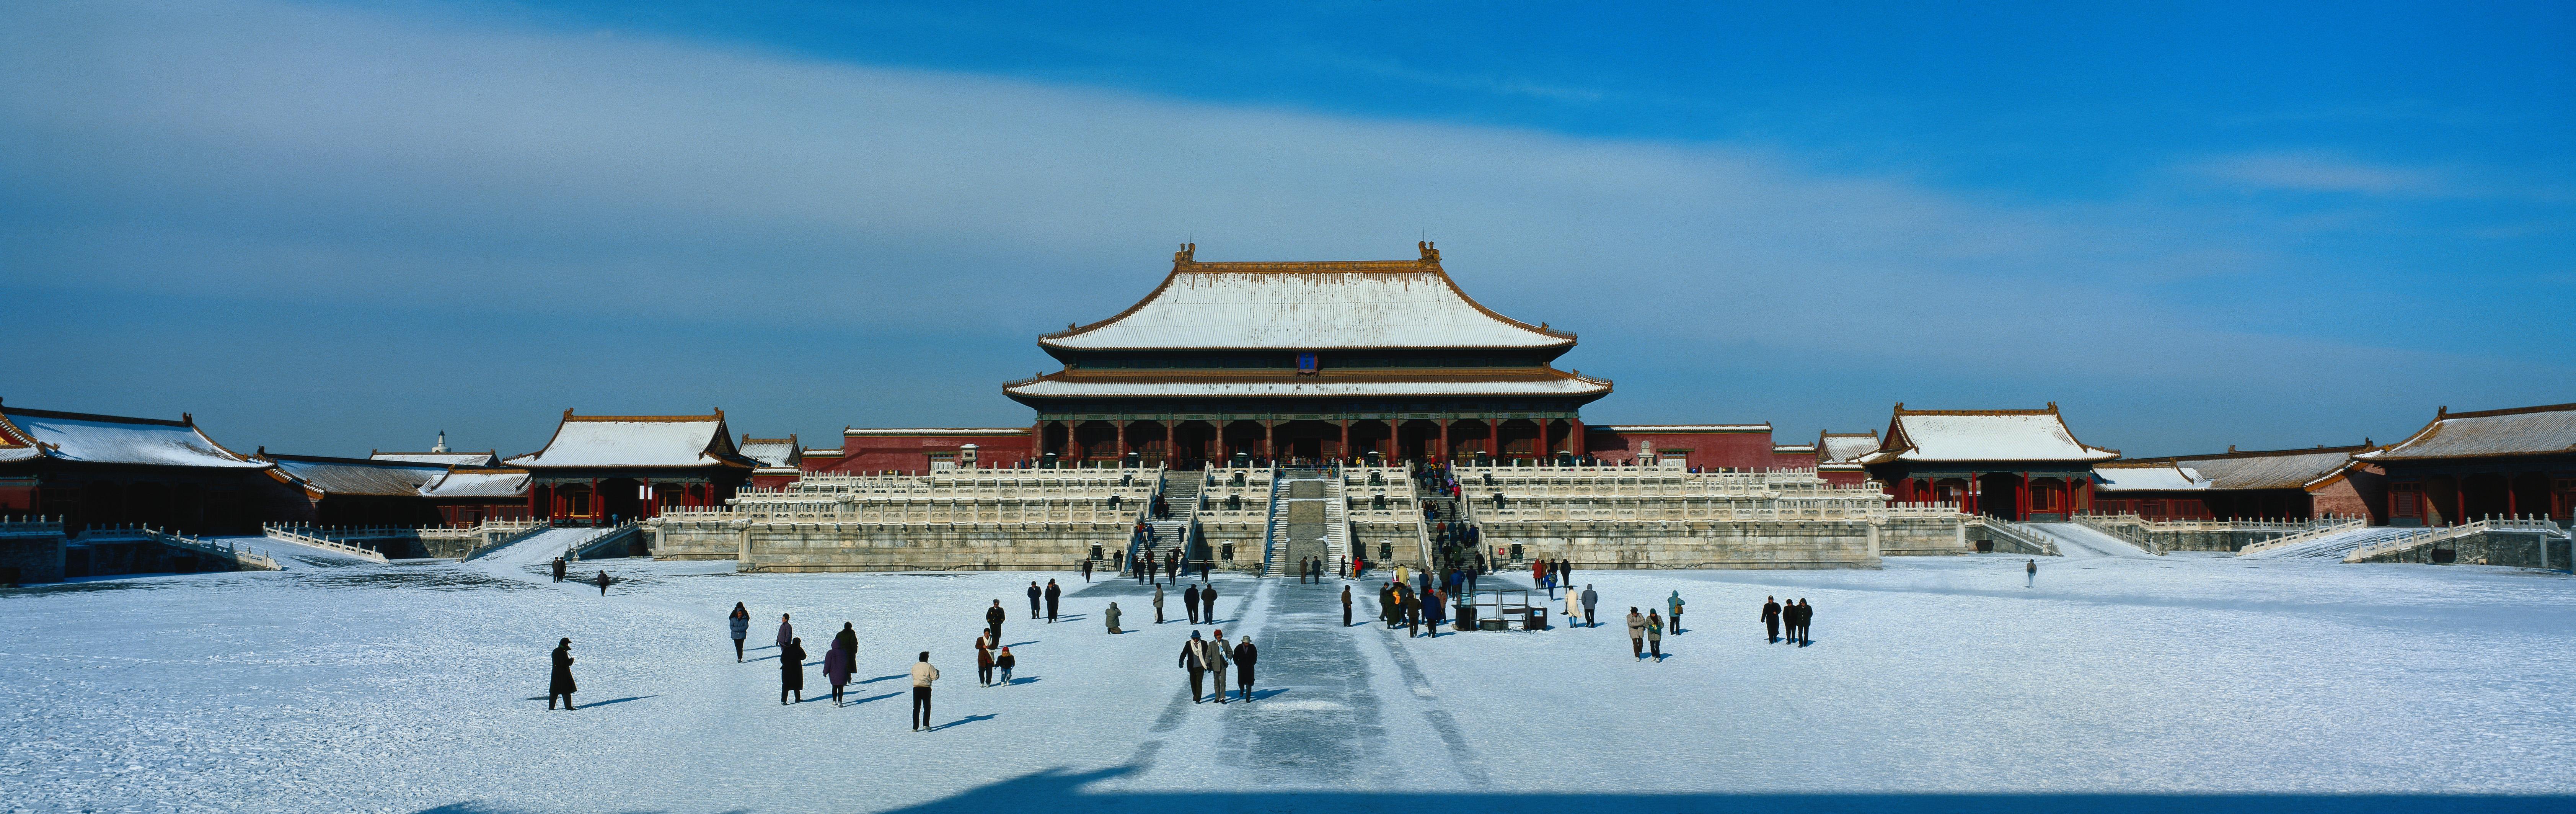 Блоги. Китай,памятники истории. ltmore, здравствуйте, привет